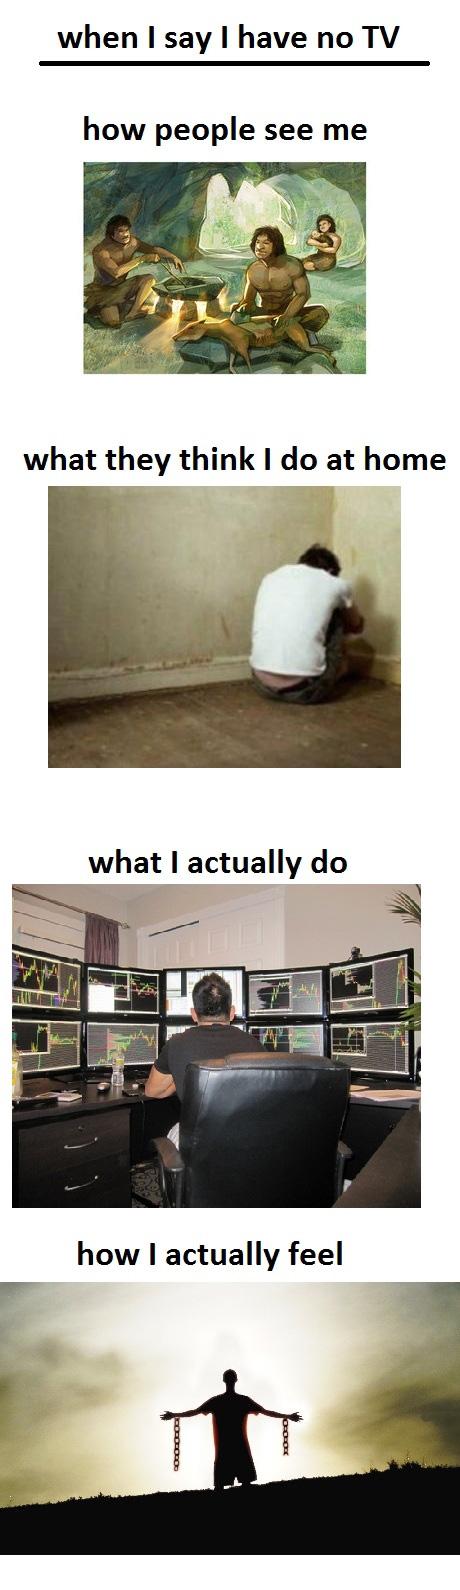 I have no TV...